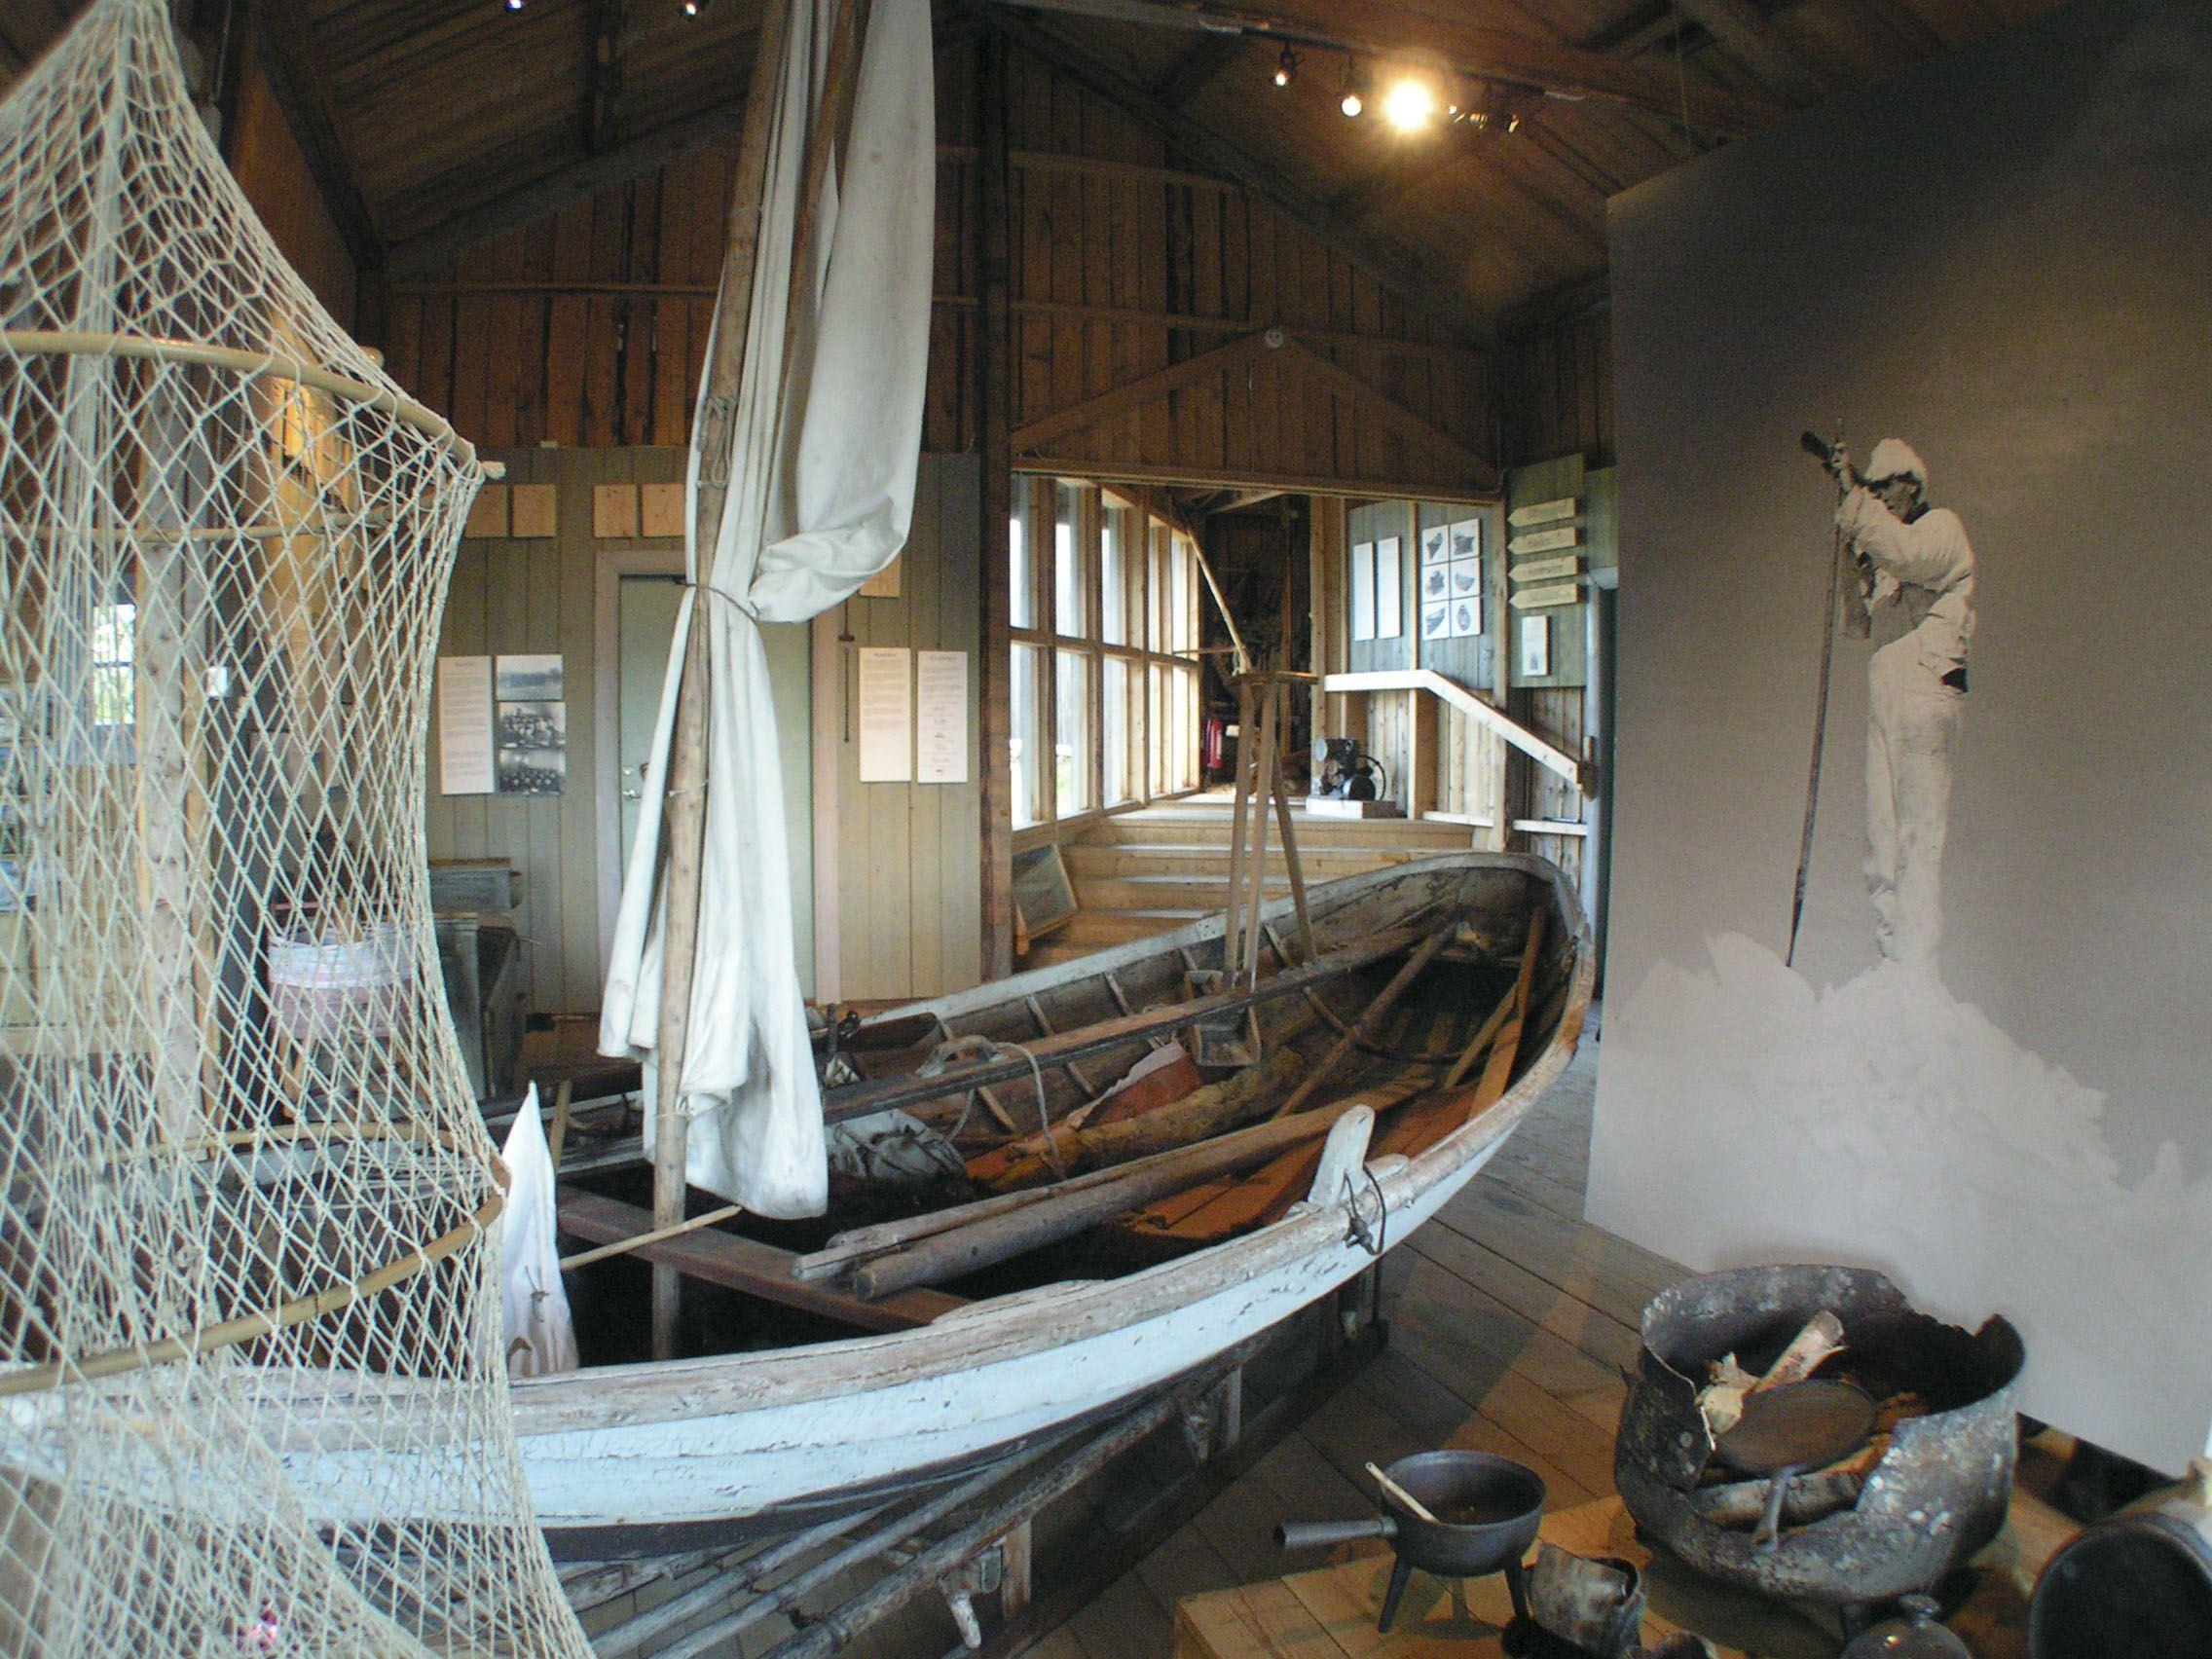 Umeå turistbyrå,  © Umeå turistbyrå, Holmöns båtmuseum